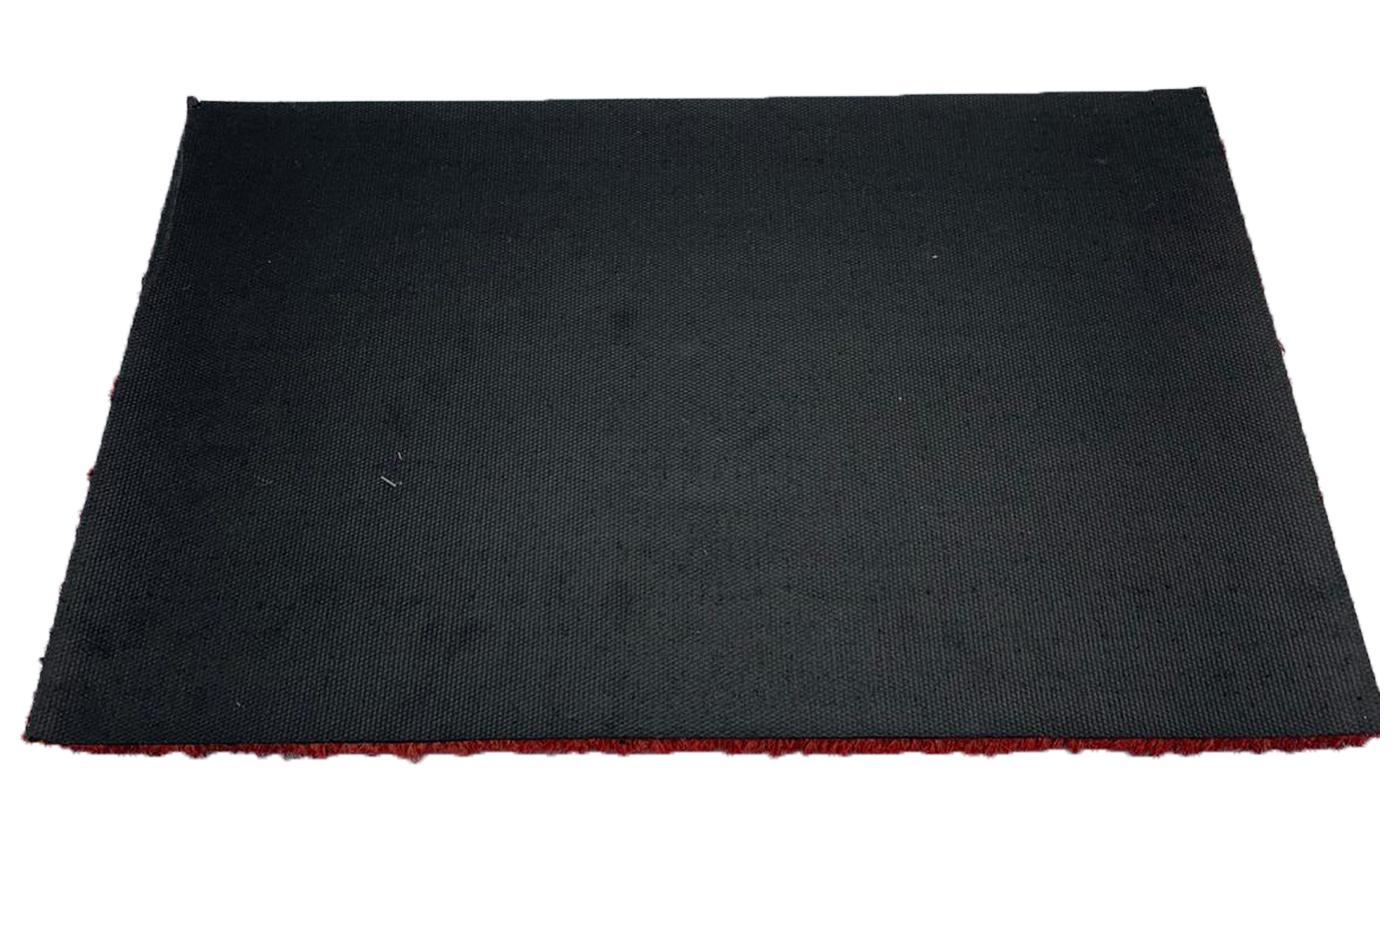 CLICLED Zerbino Natalizio Fibra di Cocco Tappeto 40 x 60 cm Antiscivolo per Natale